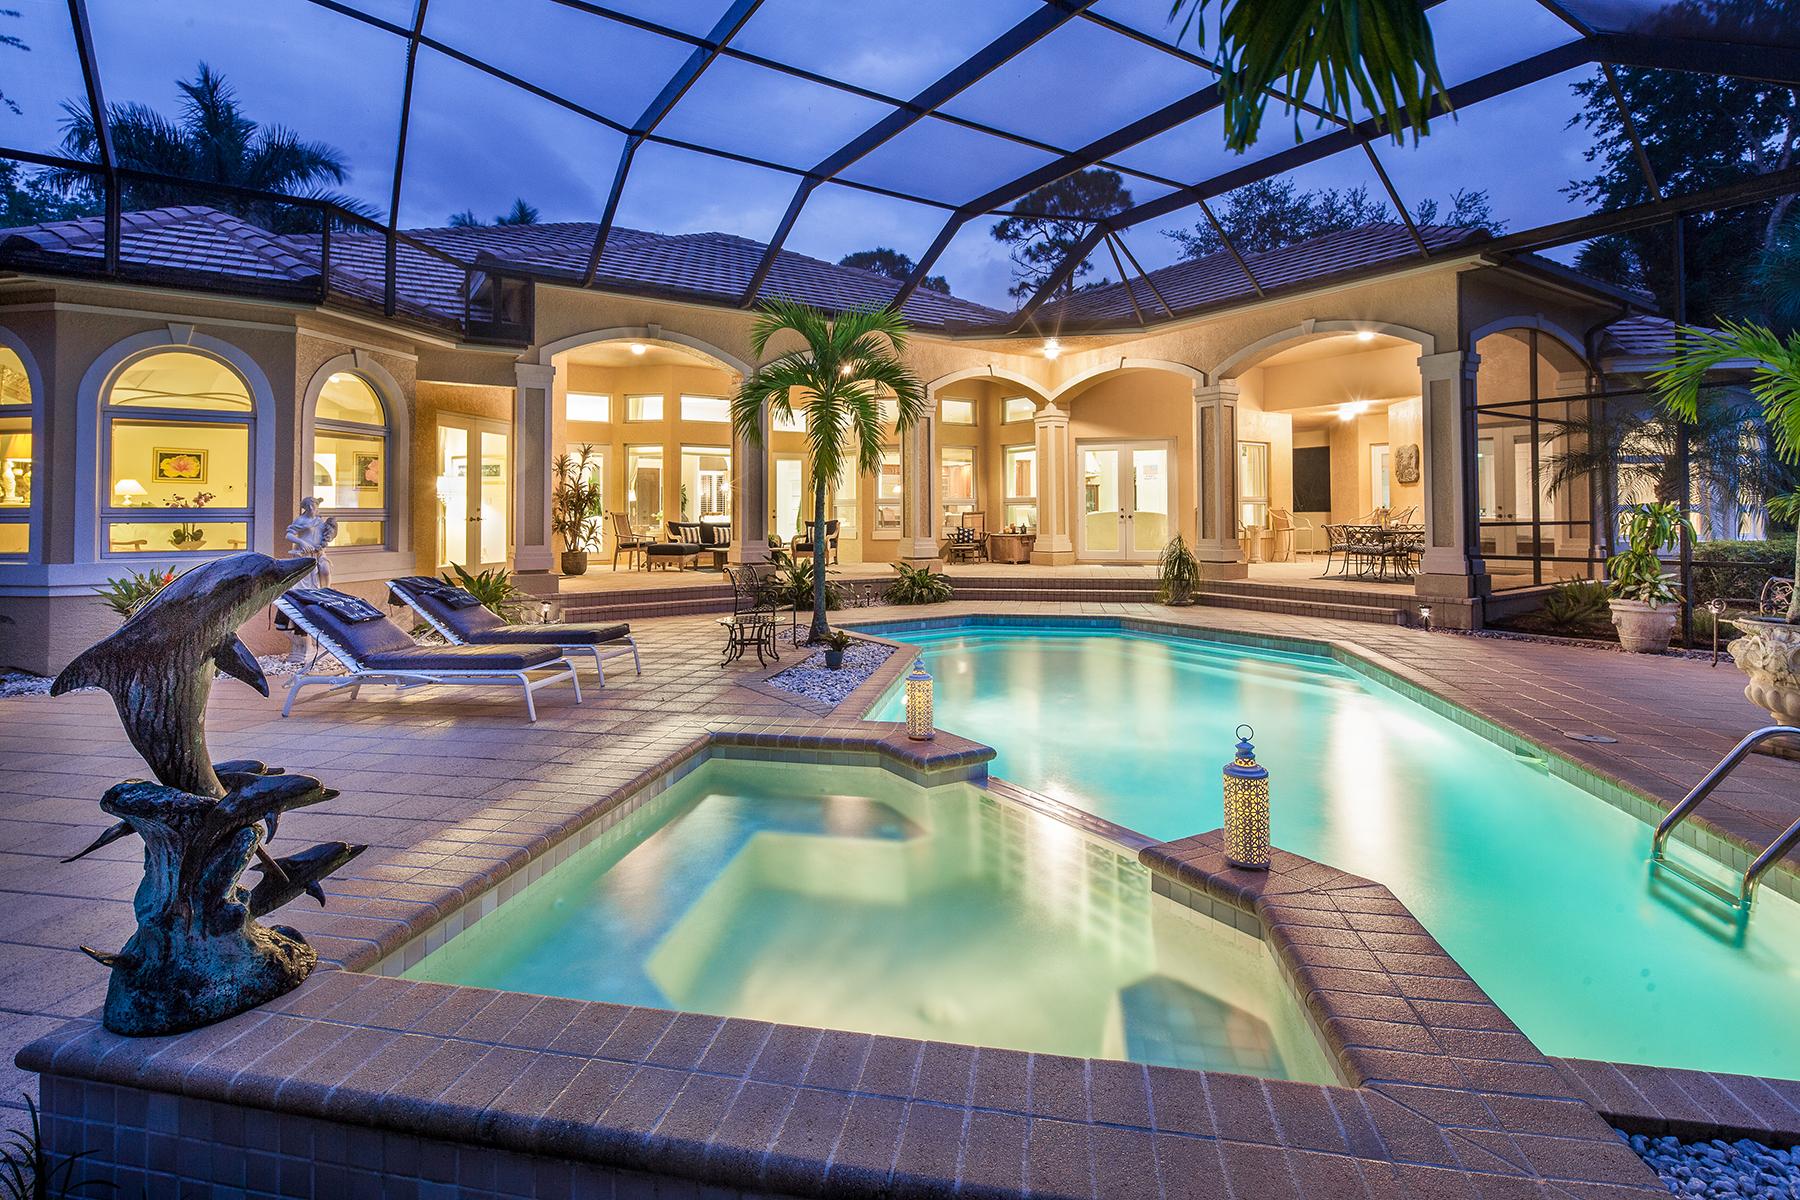 단독 가정 주택 용 매매 에 COLLIERS RESERVE 897 Barcarmil Way Naples, 플로리다, 34110 미국